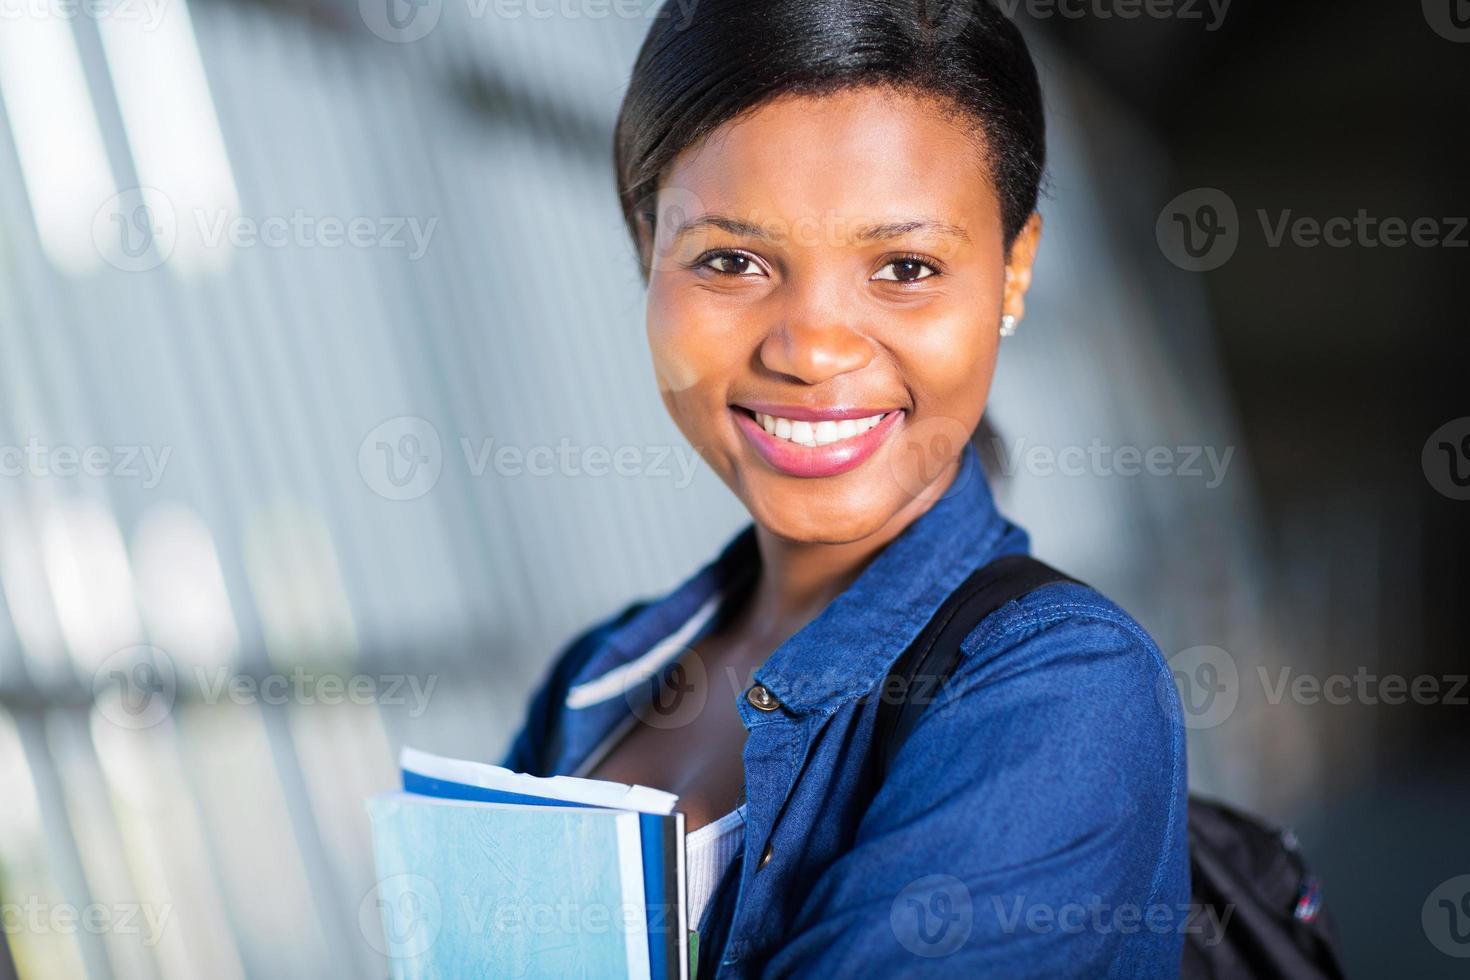 jeune étudiante afro-américaine bouchent photo